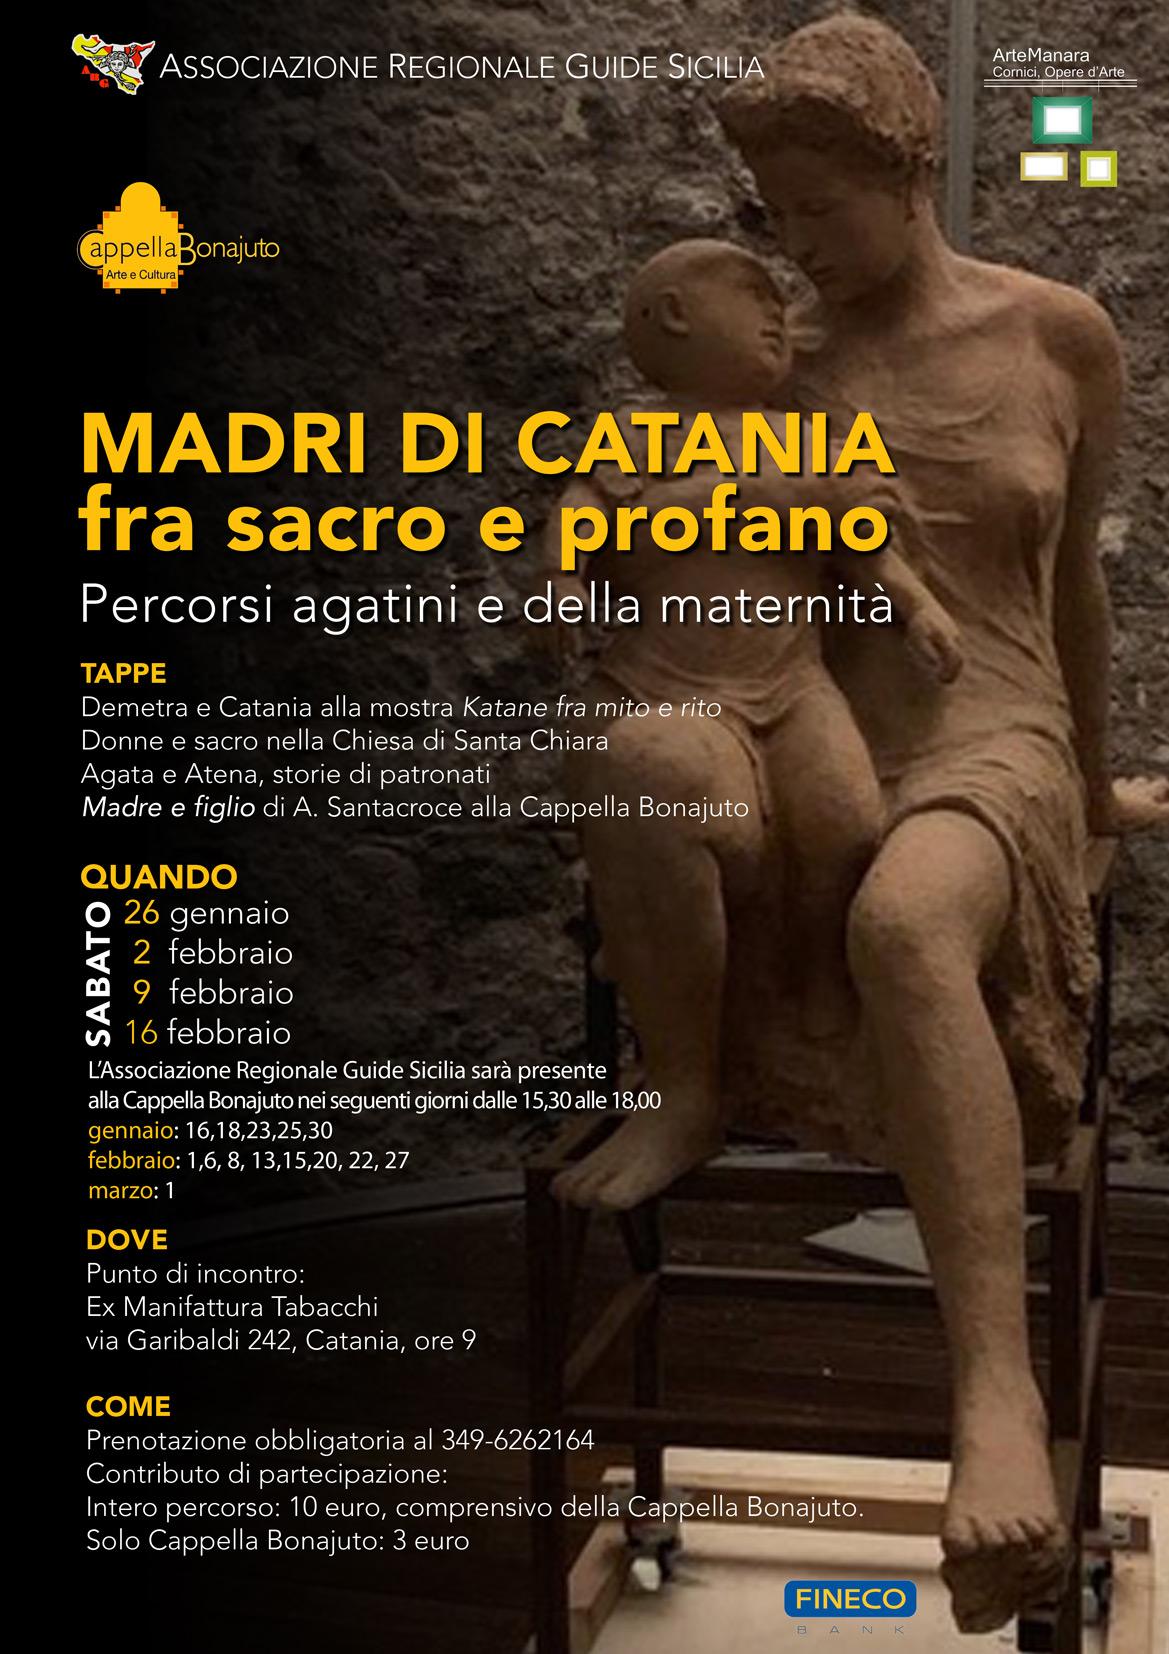 Madri di Catania